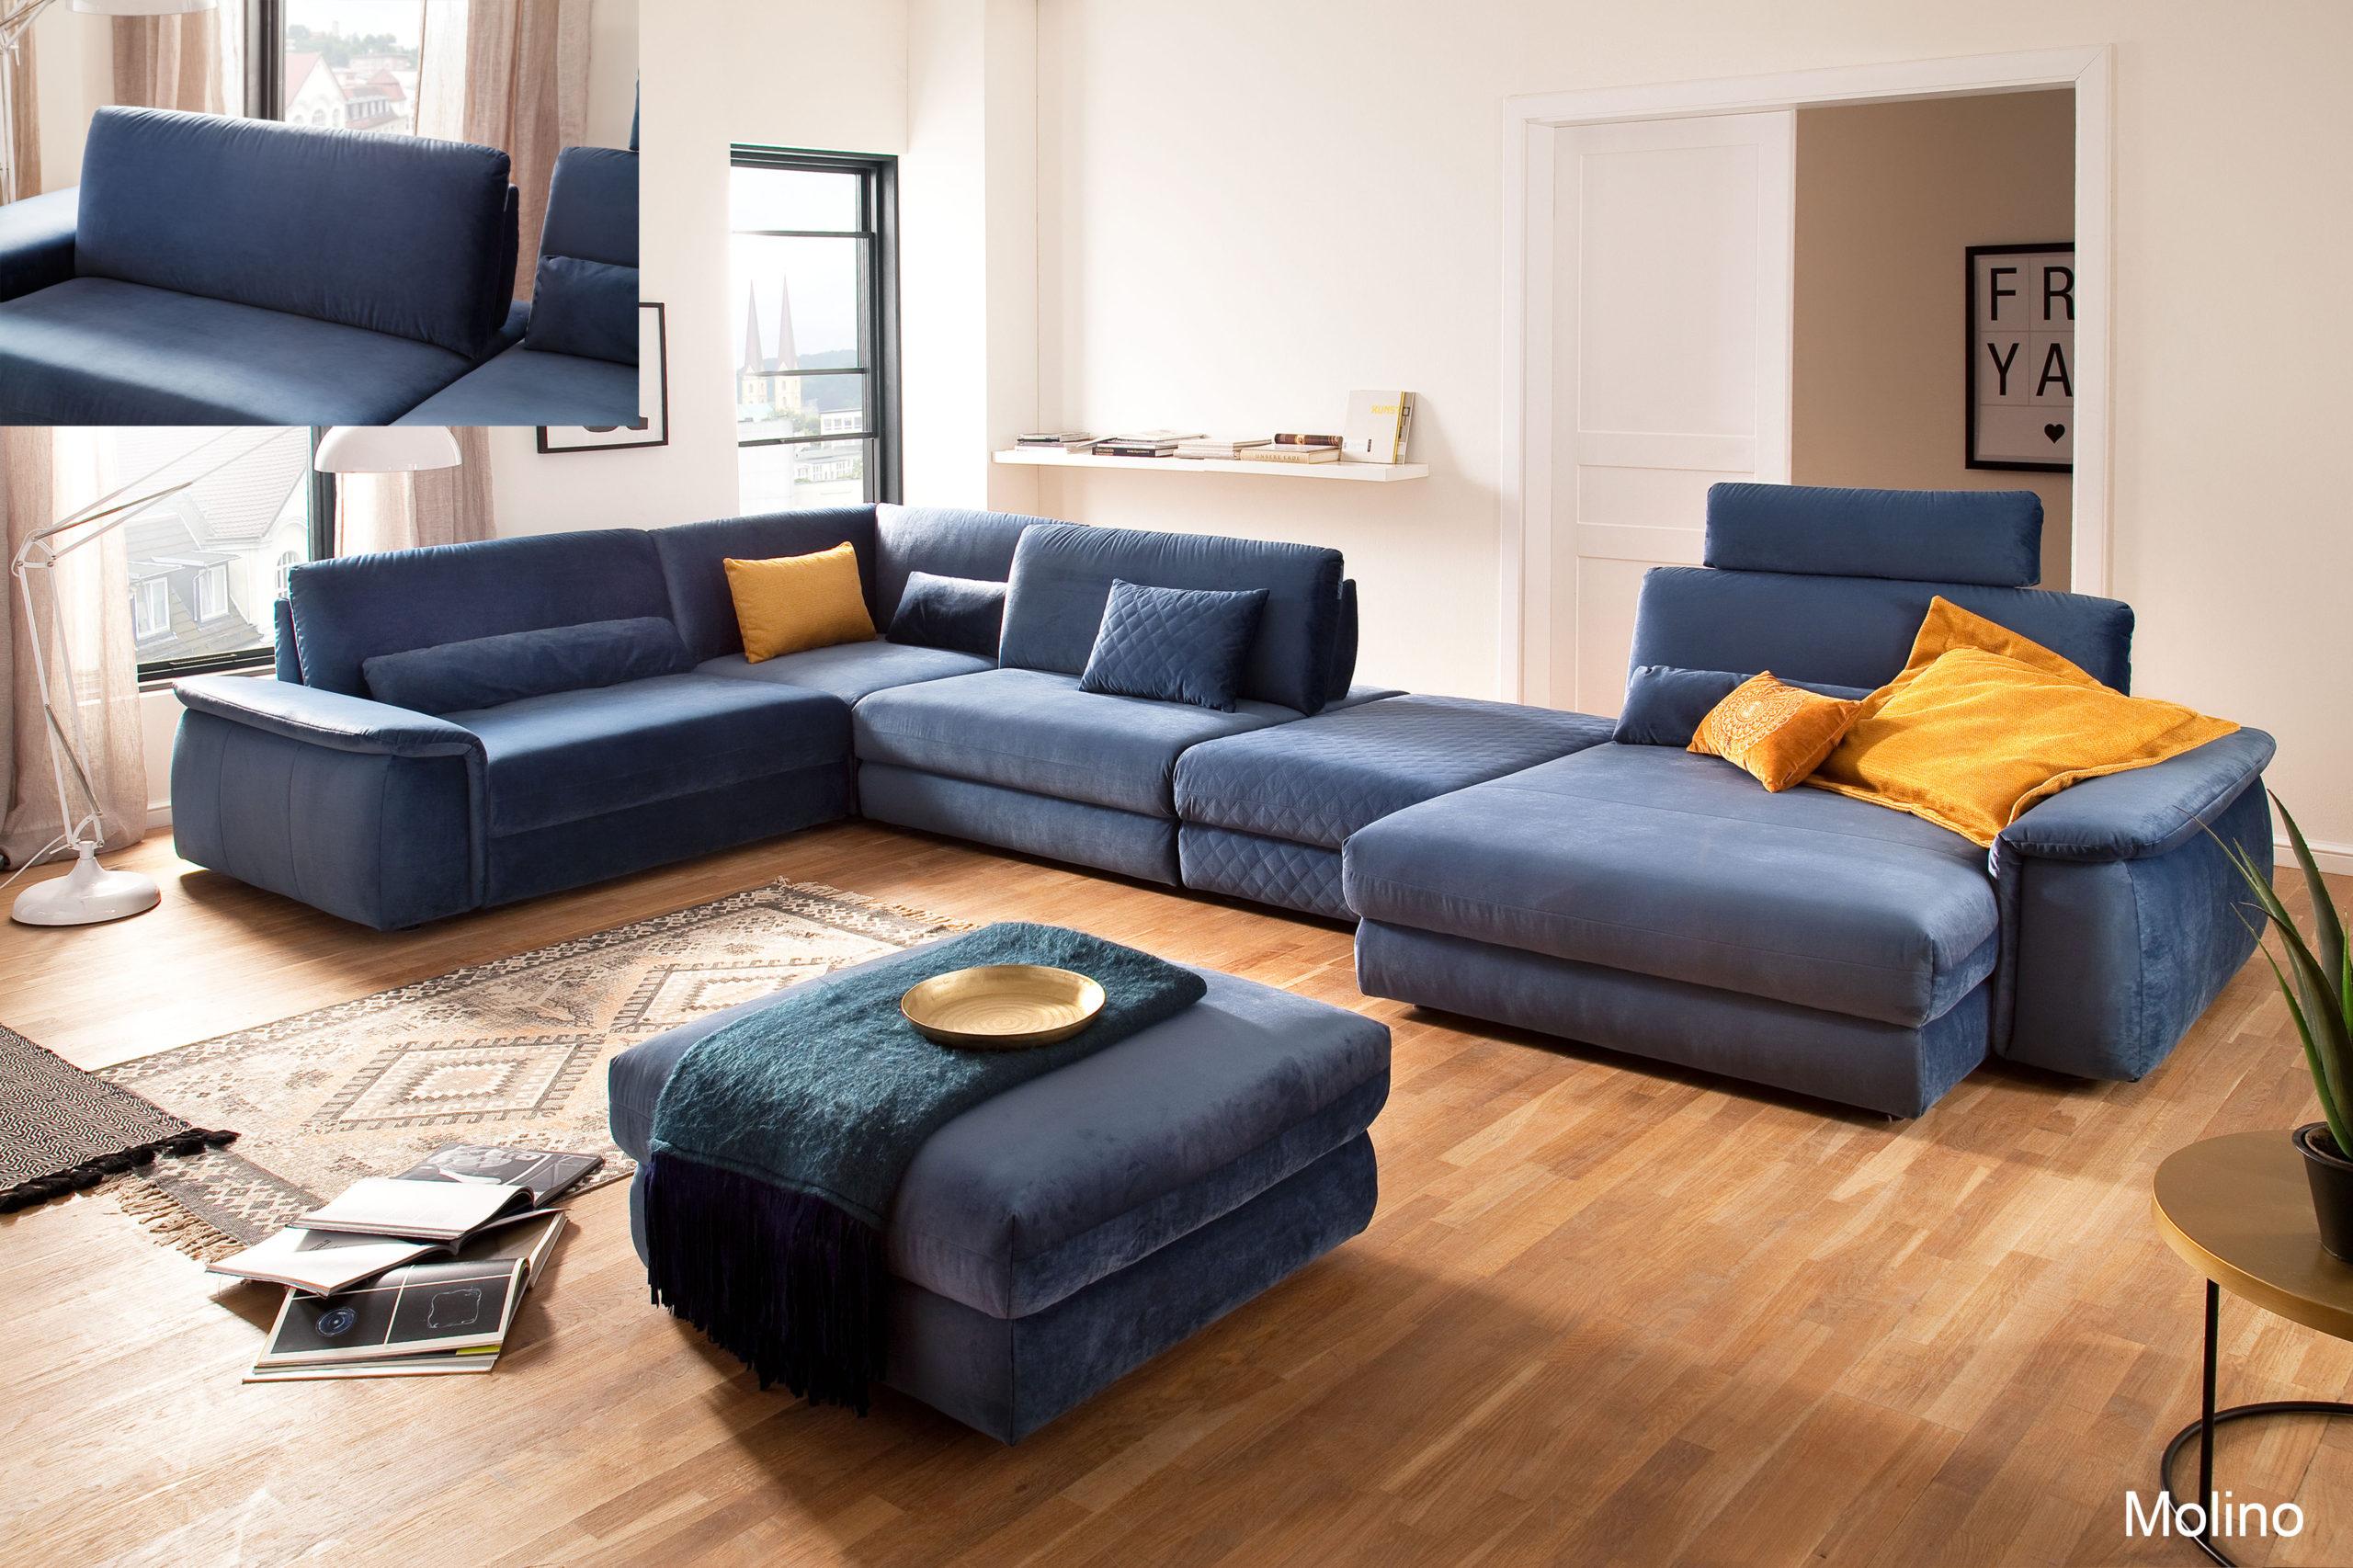 Molino 1 5AL SE klein 1 5oA ZHGeo blue grey LAR Velvet blue grey Montage scaled - Велюровые диваны и спальни, их плюсы и минусы.